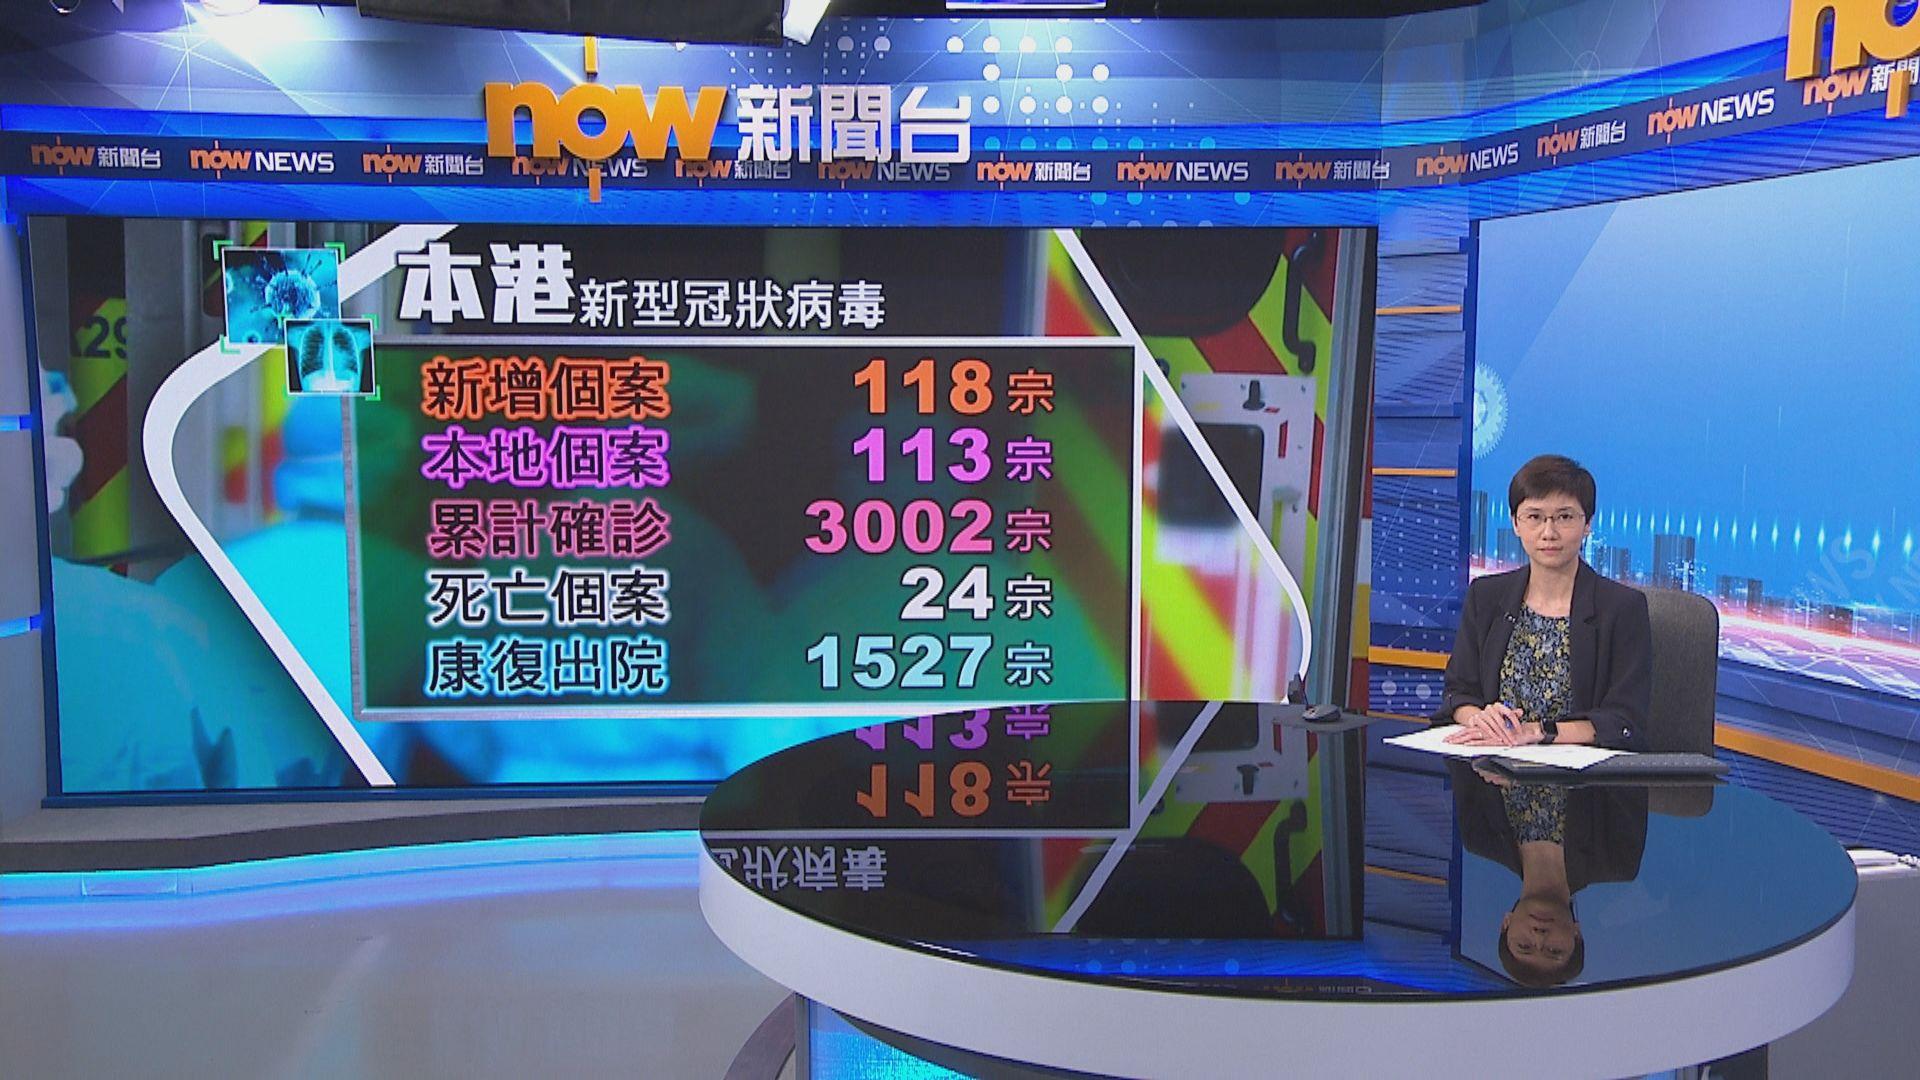 【突破三千宗】本港增118宗確診 大部分是本地感染